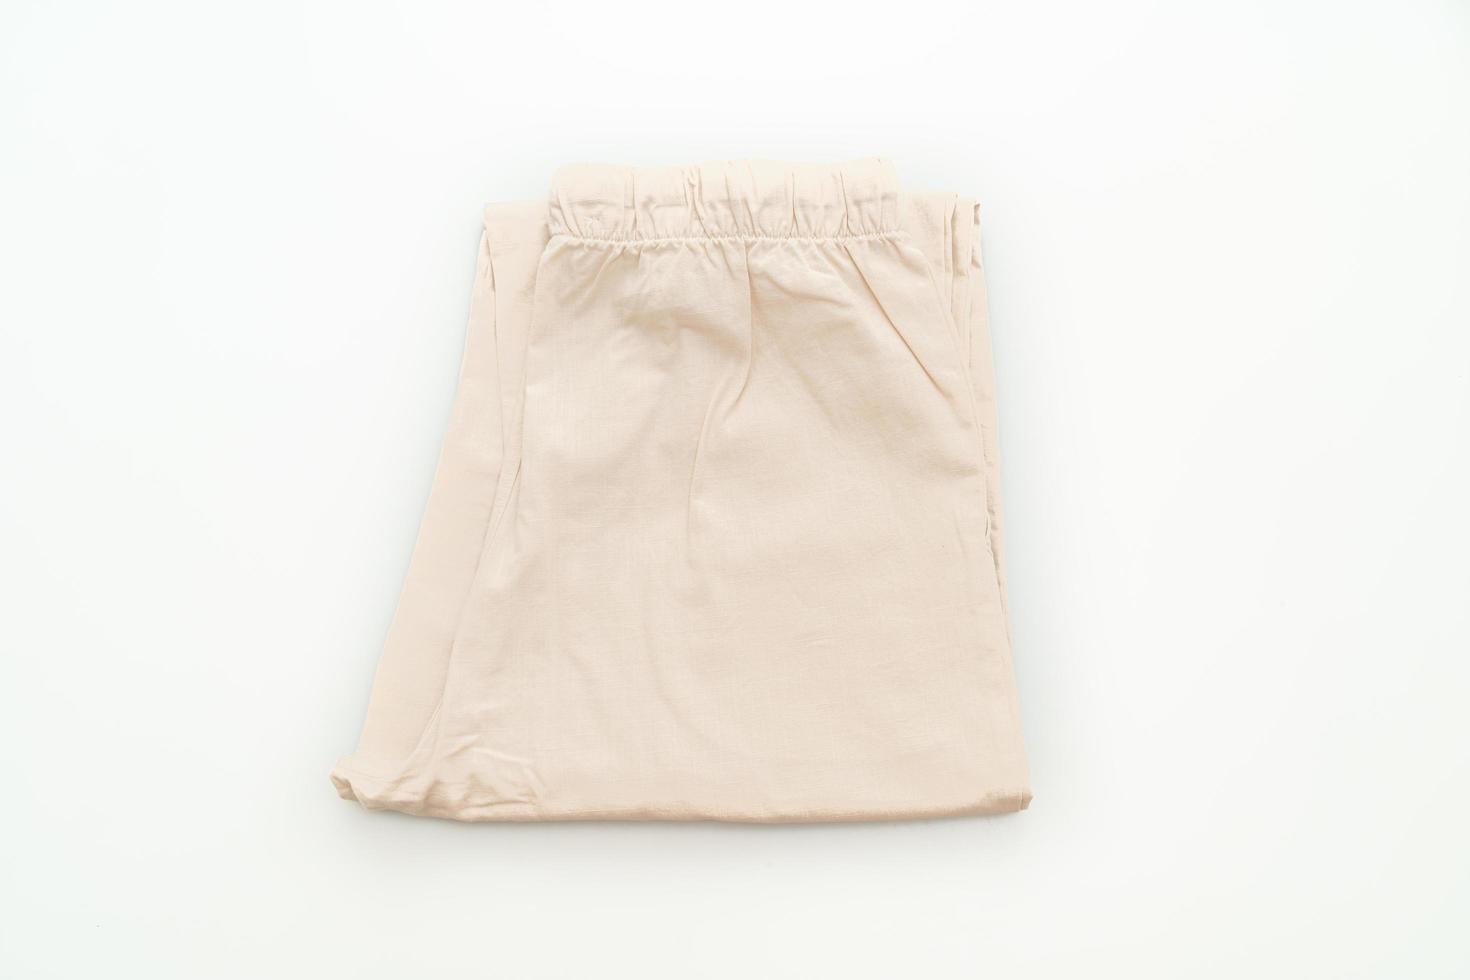 pantalone beige piegato isolato su sfondo bianco foto